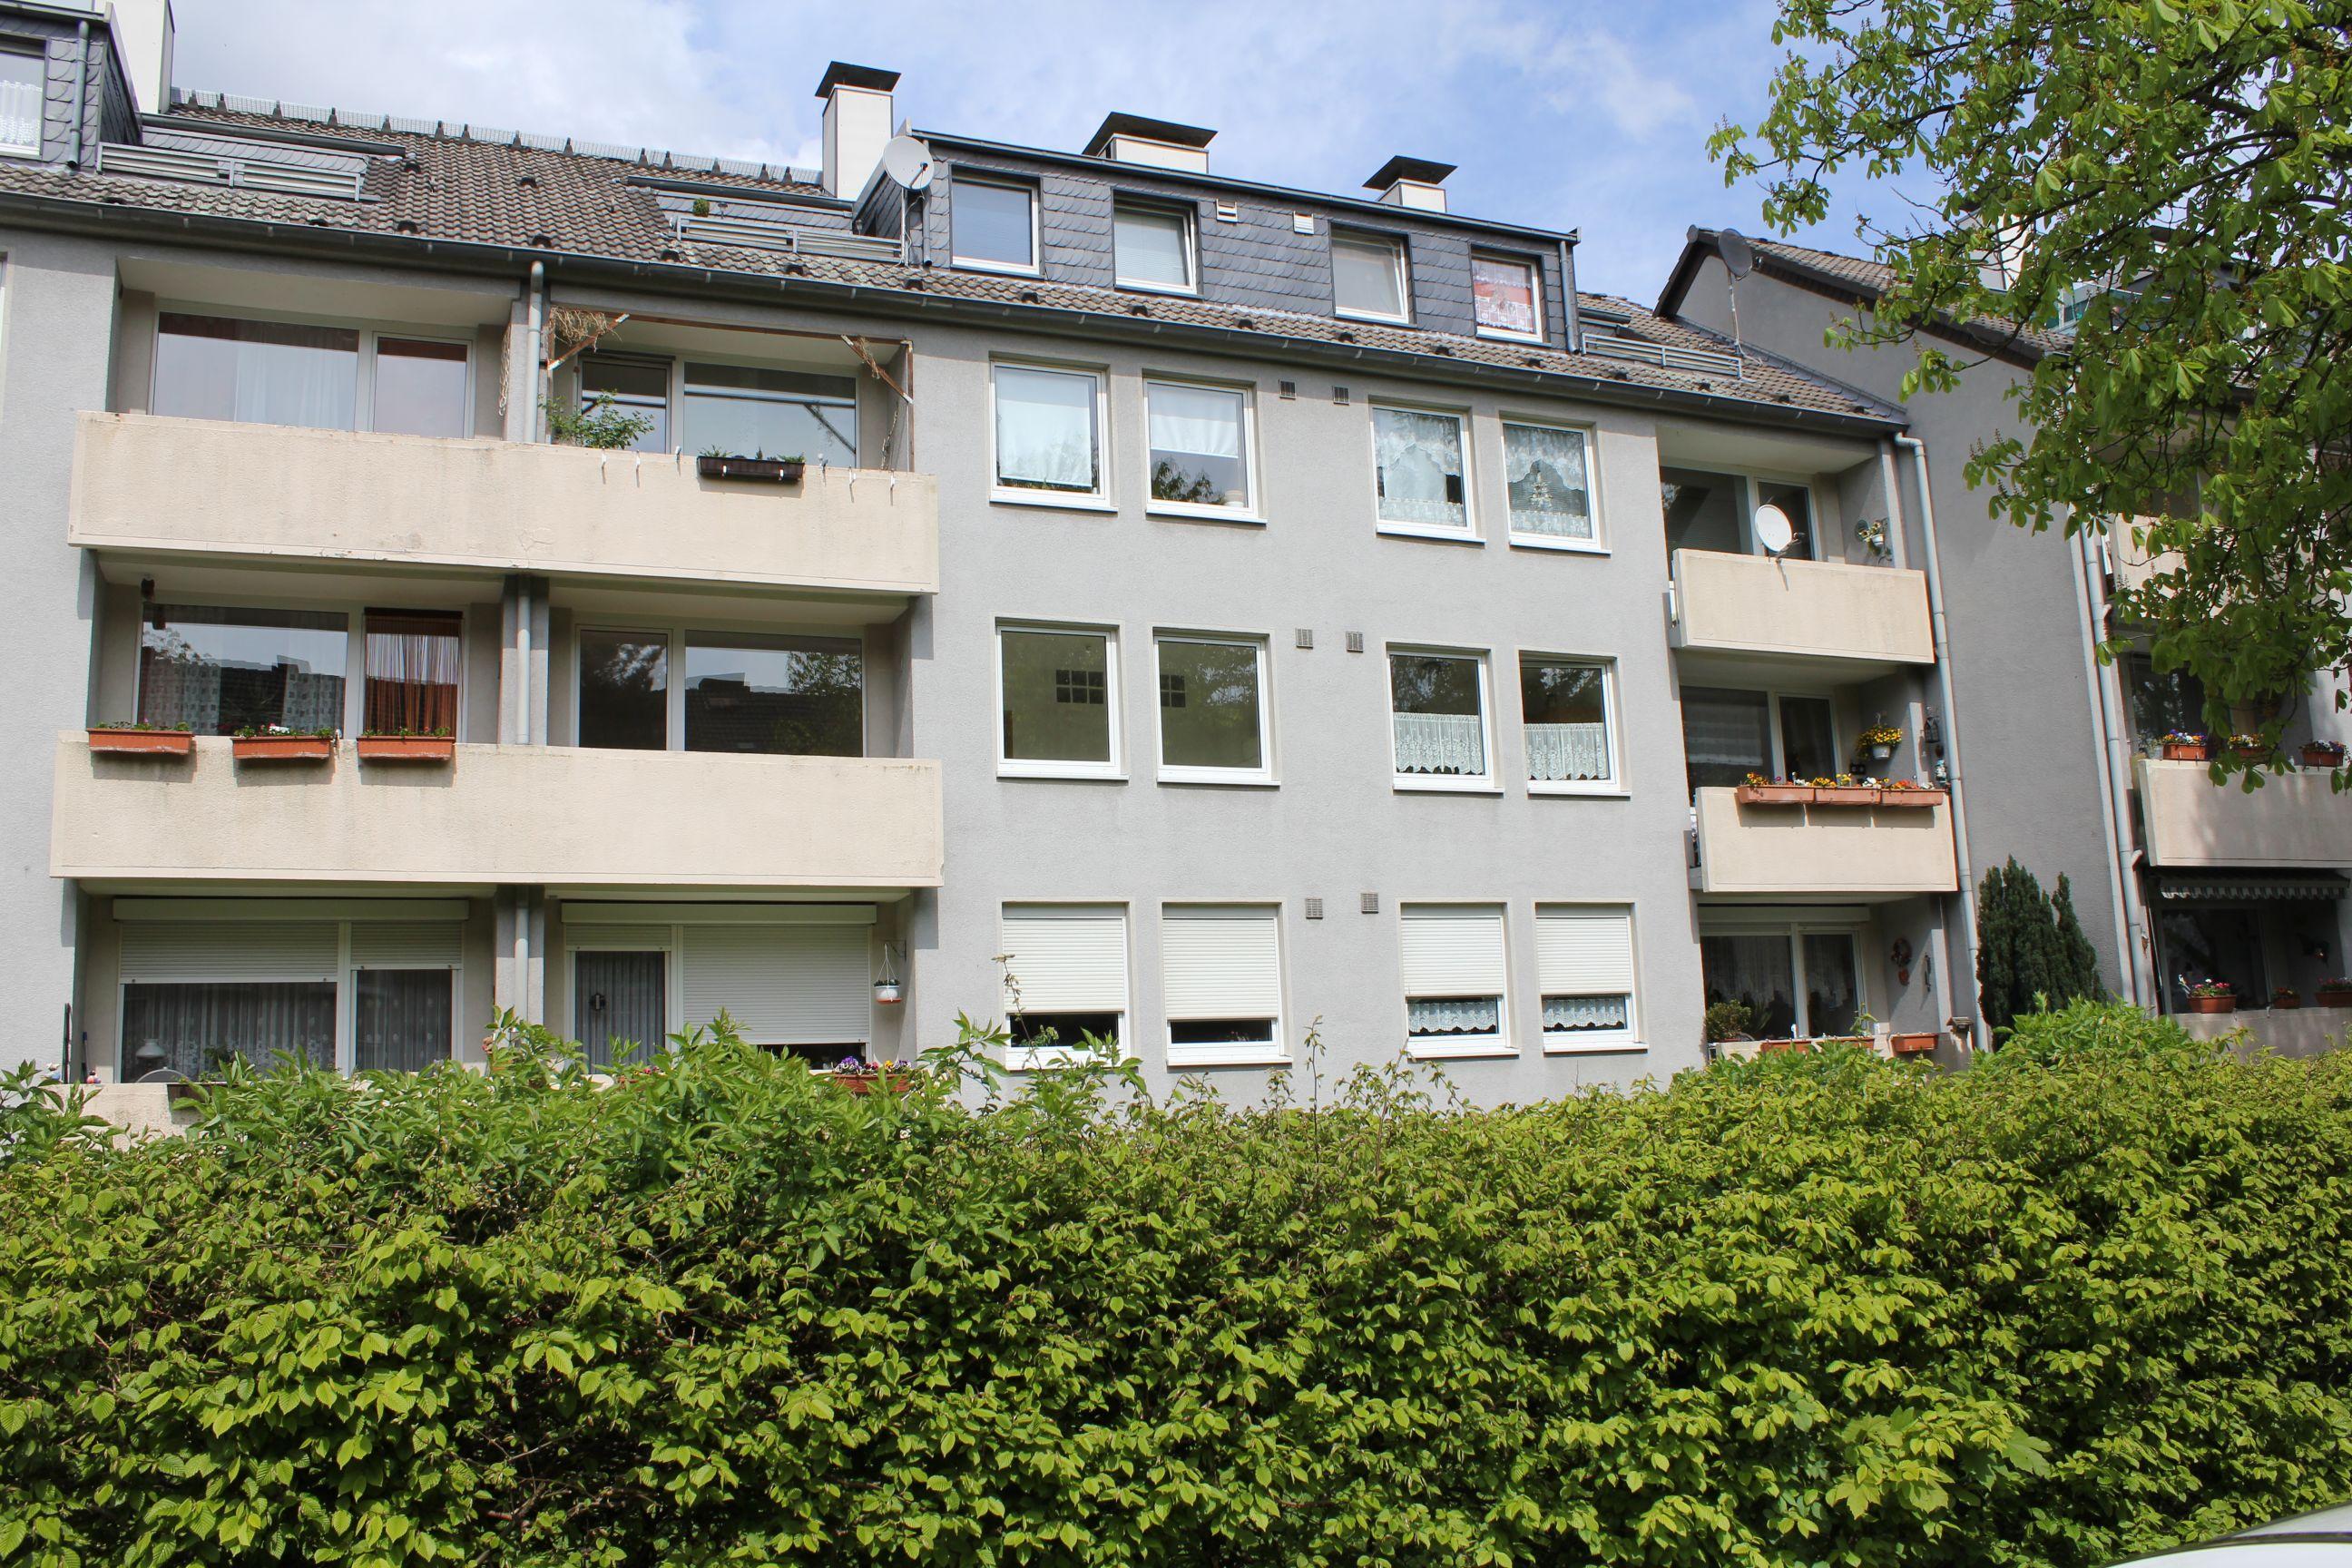 Mehrfamilienhaus aus Wohnportfolio in Neukirchen-Vluyn - BEIER ...